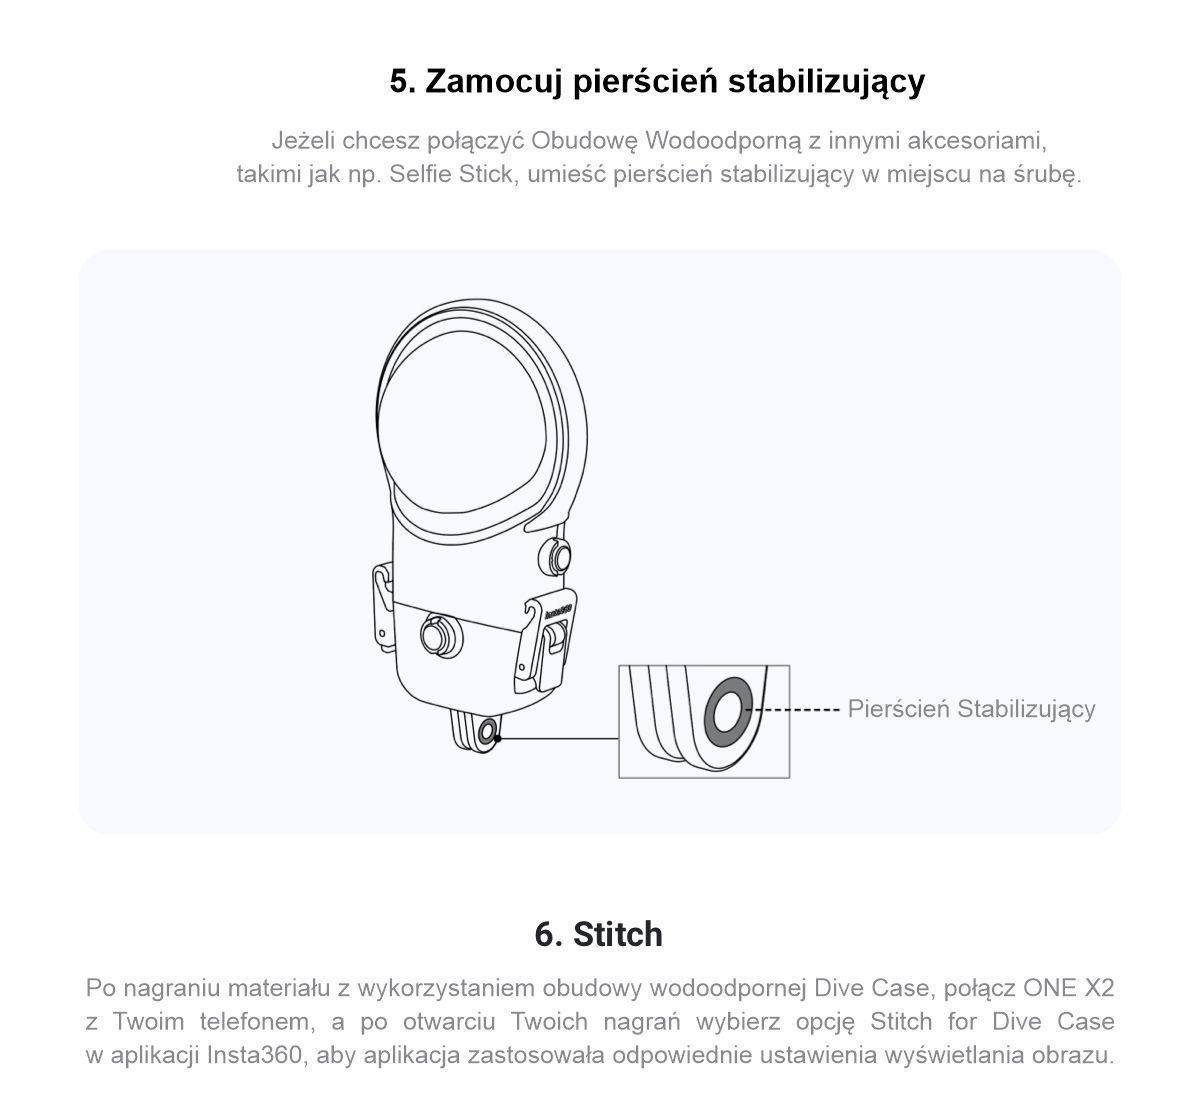 Instrukcja zakładania obudowy wodoodpornej dla kamery